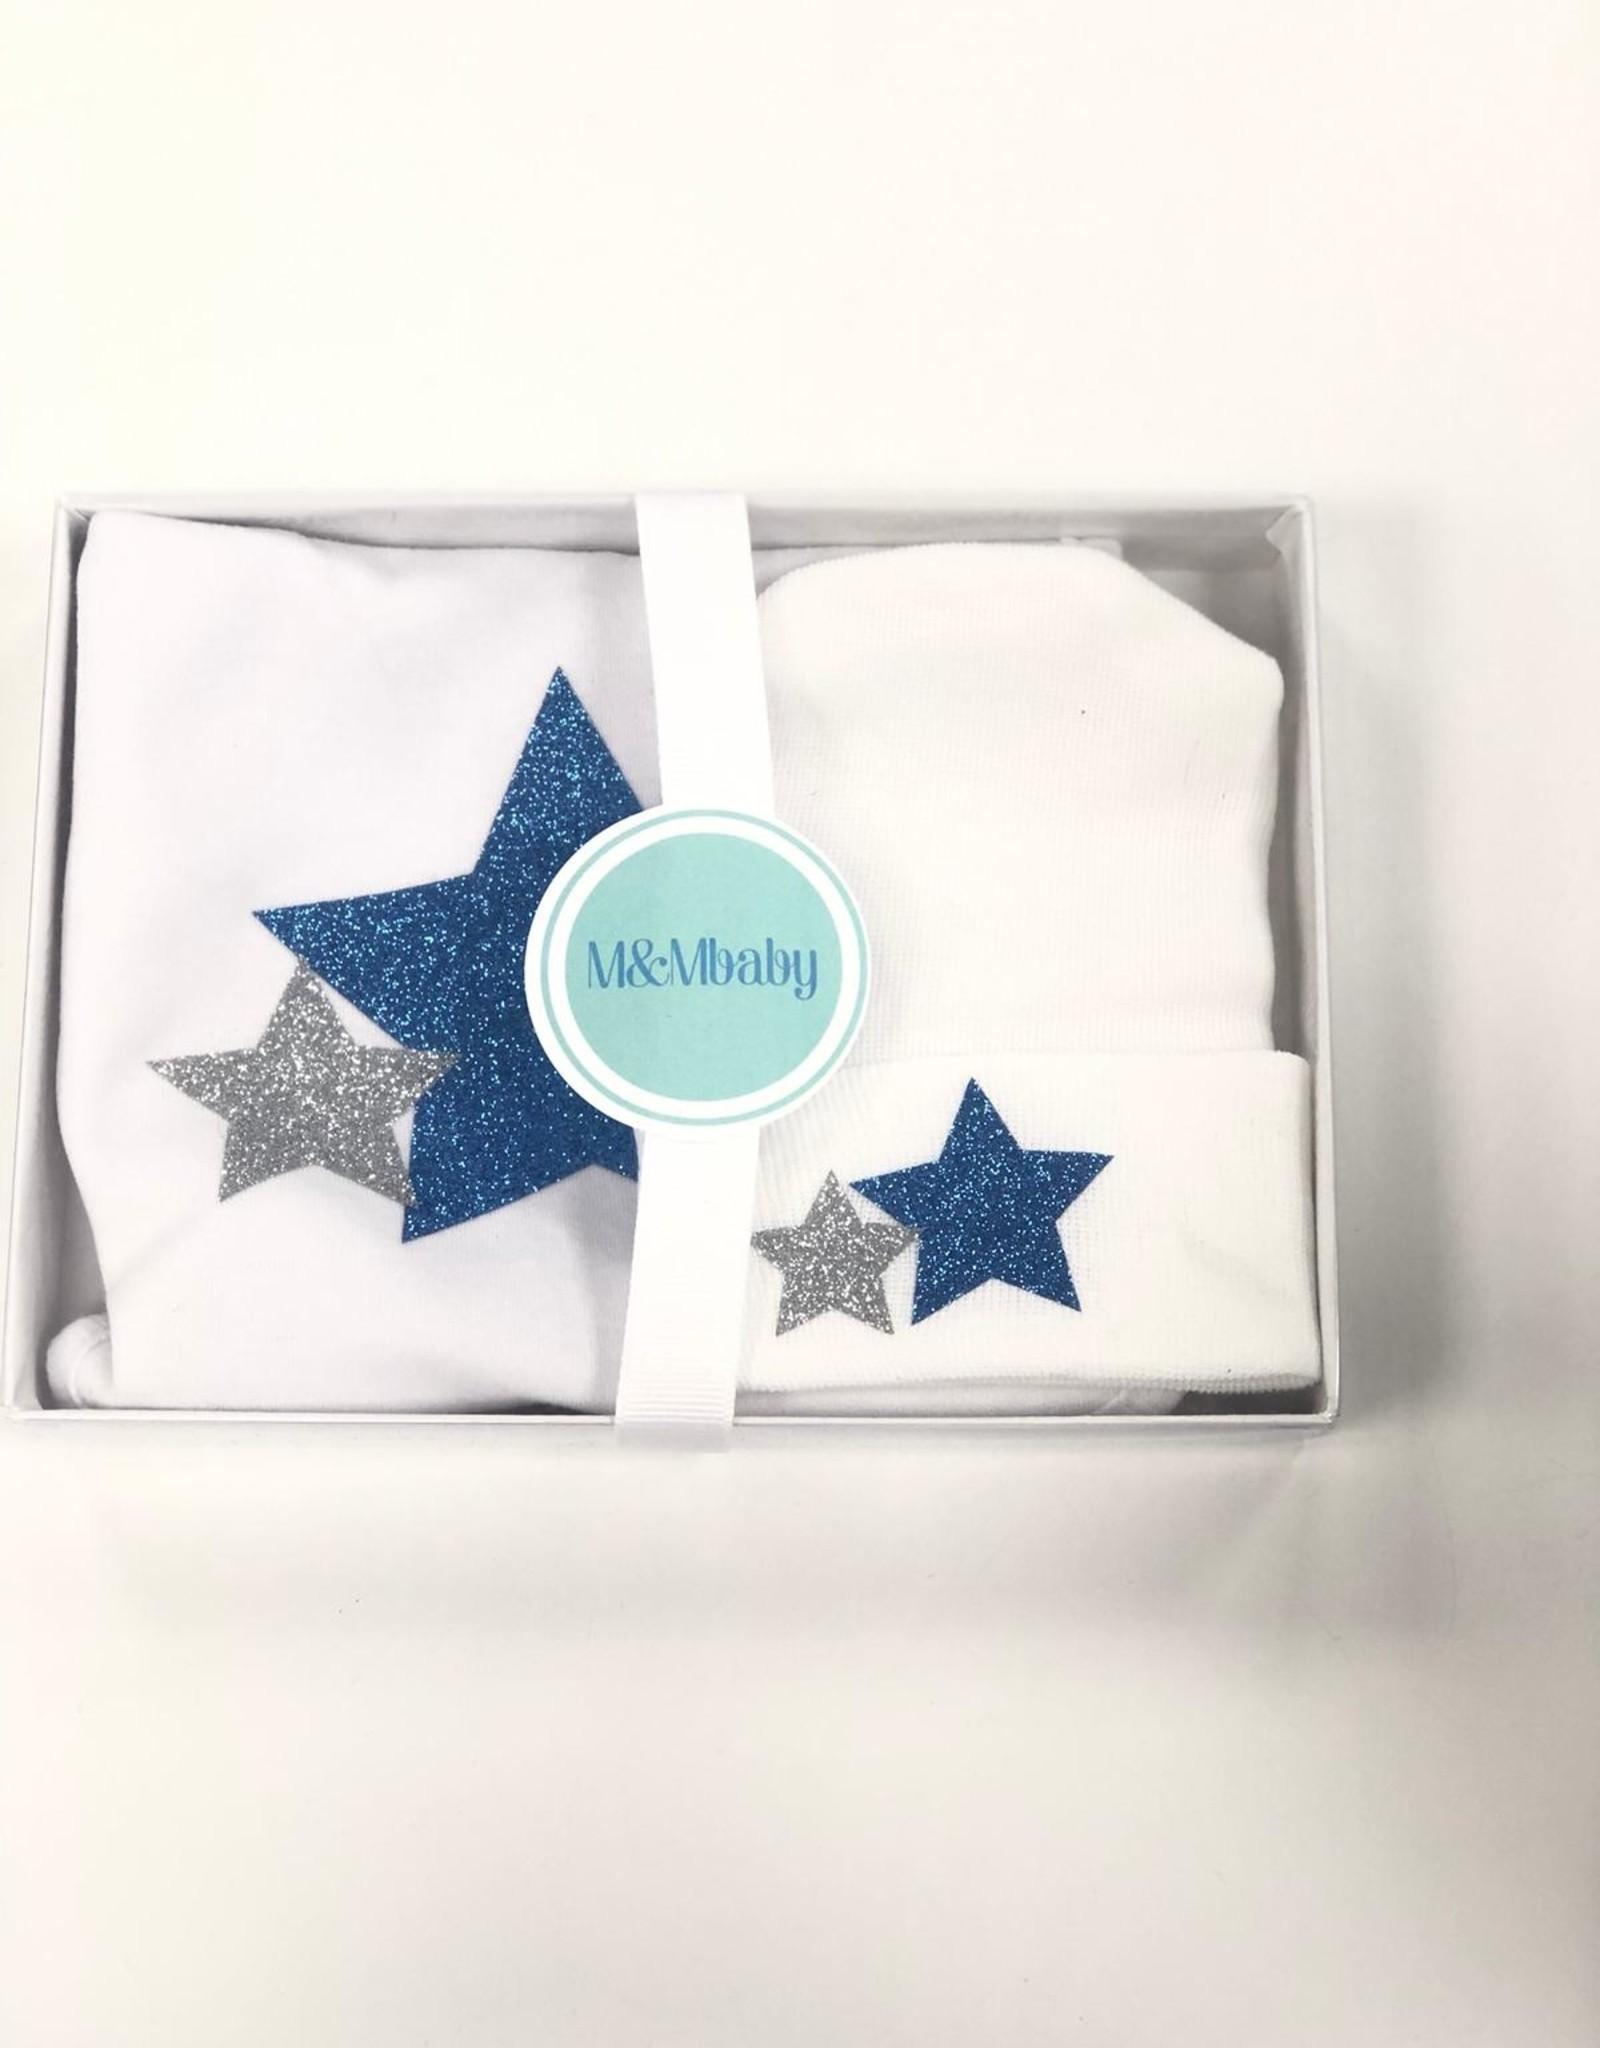 M&M M&M Baby Hat and Bib Gift Set